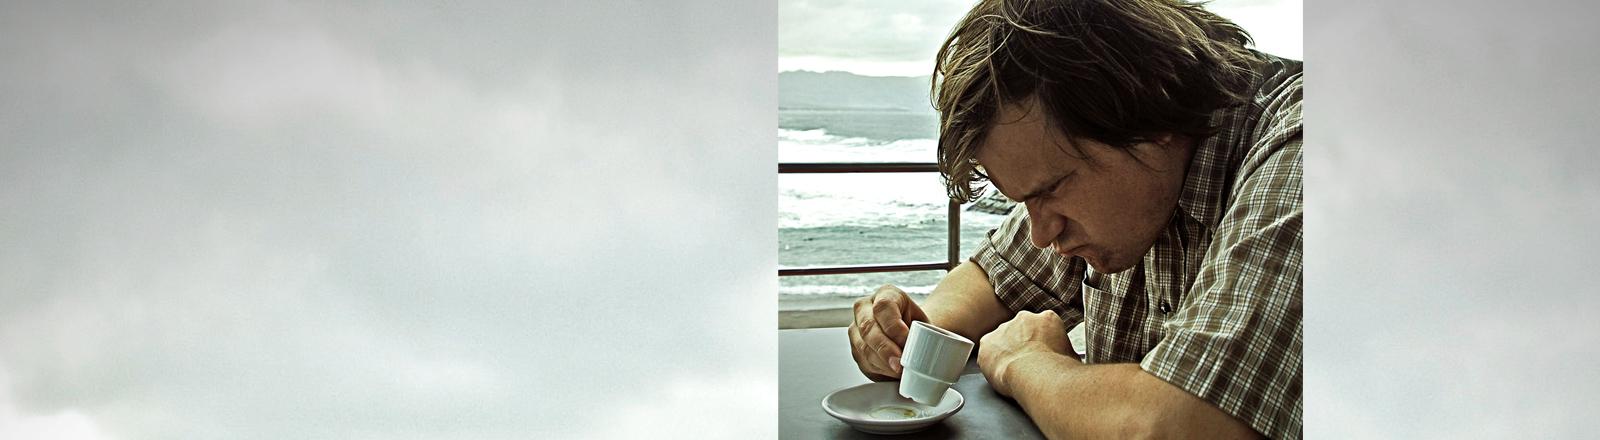 Mann blickt frustriert in Kaffeetasse.